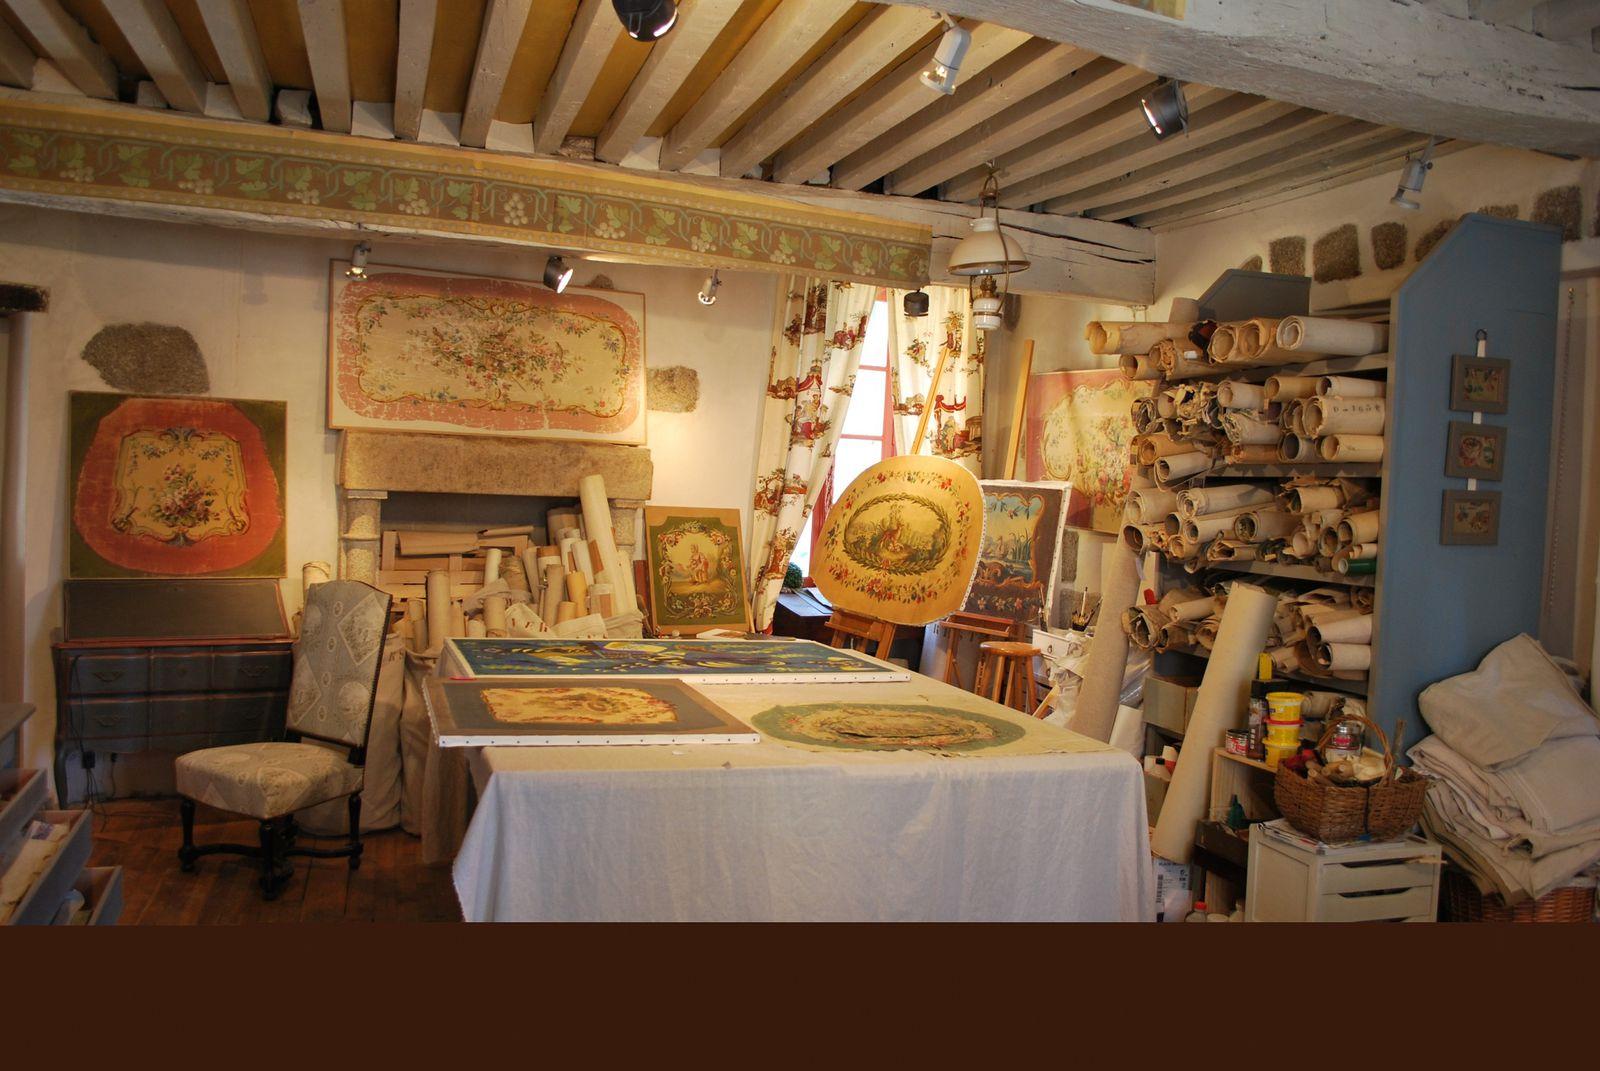 Quelques images de l'Atelier de Chantal Chirac à Aubusson